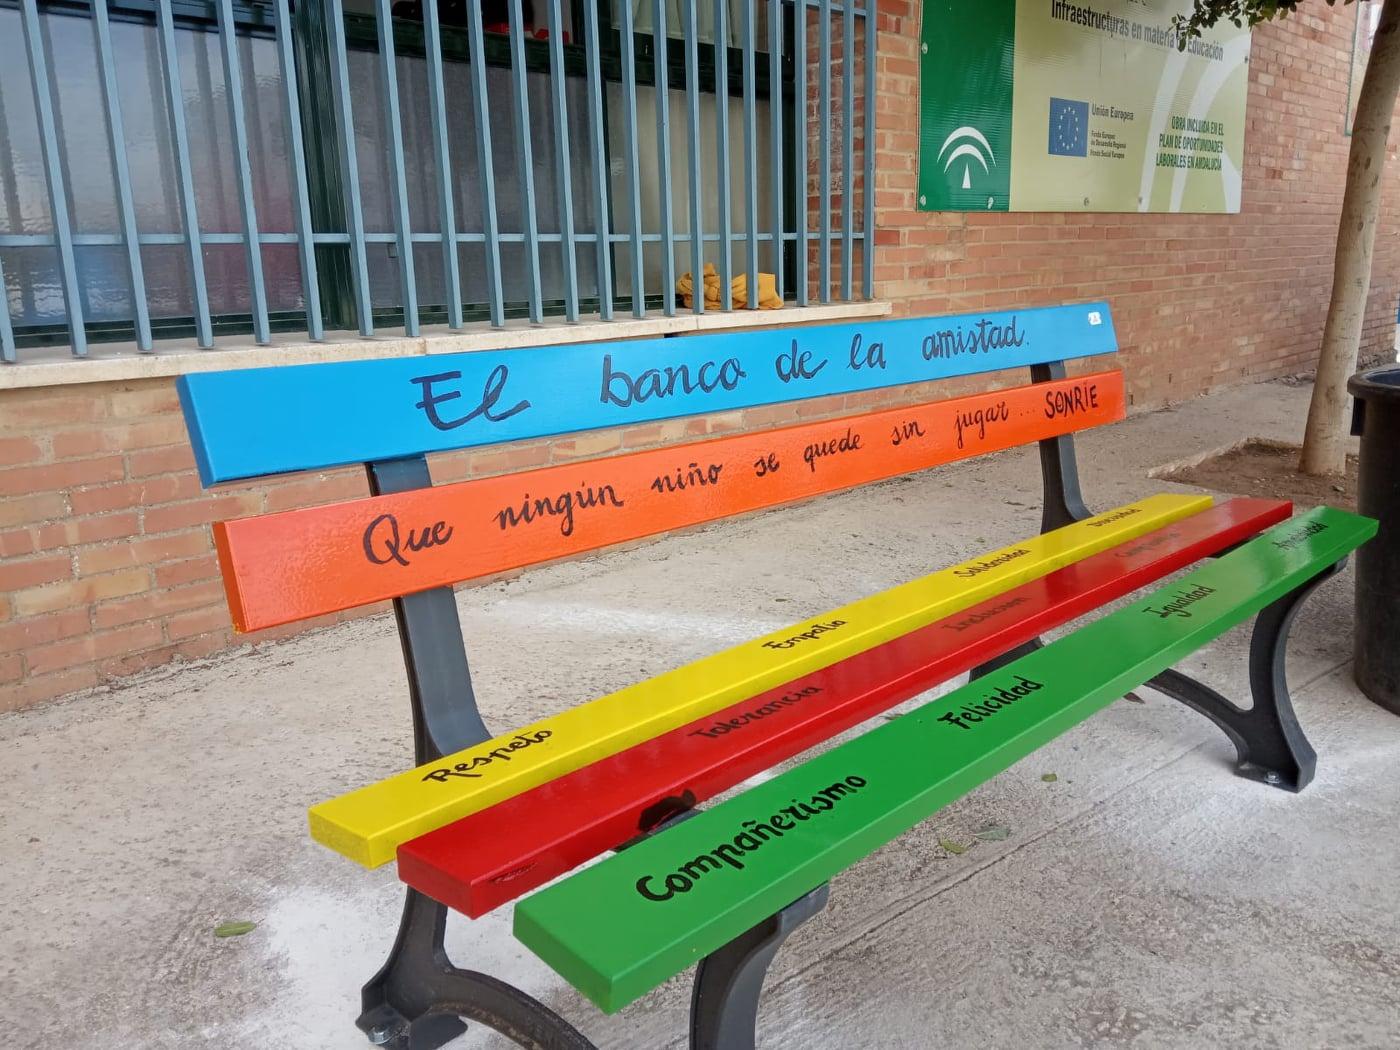 Llegan 'los bancos de la amistad' al colegio de Villanueva de Algaidas - Las 4 Esquinas